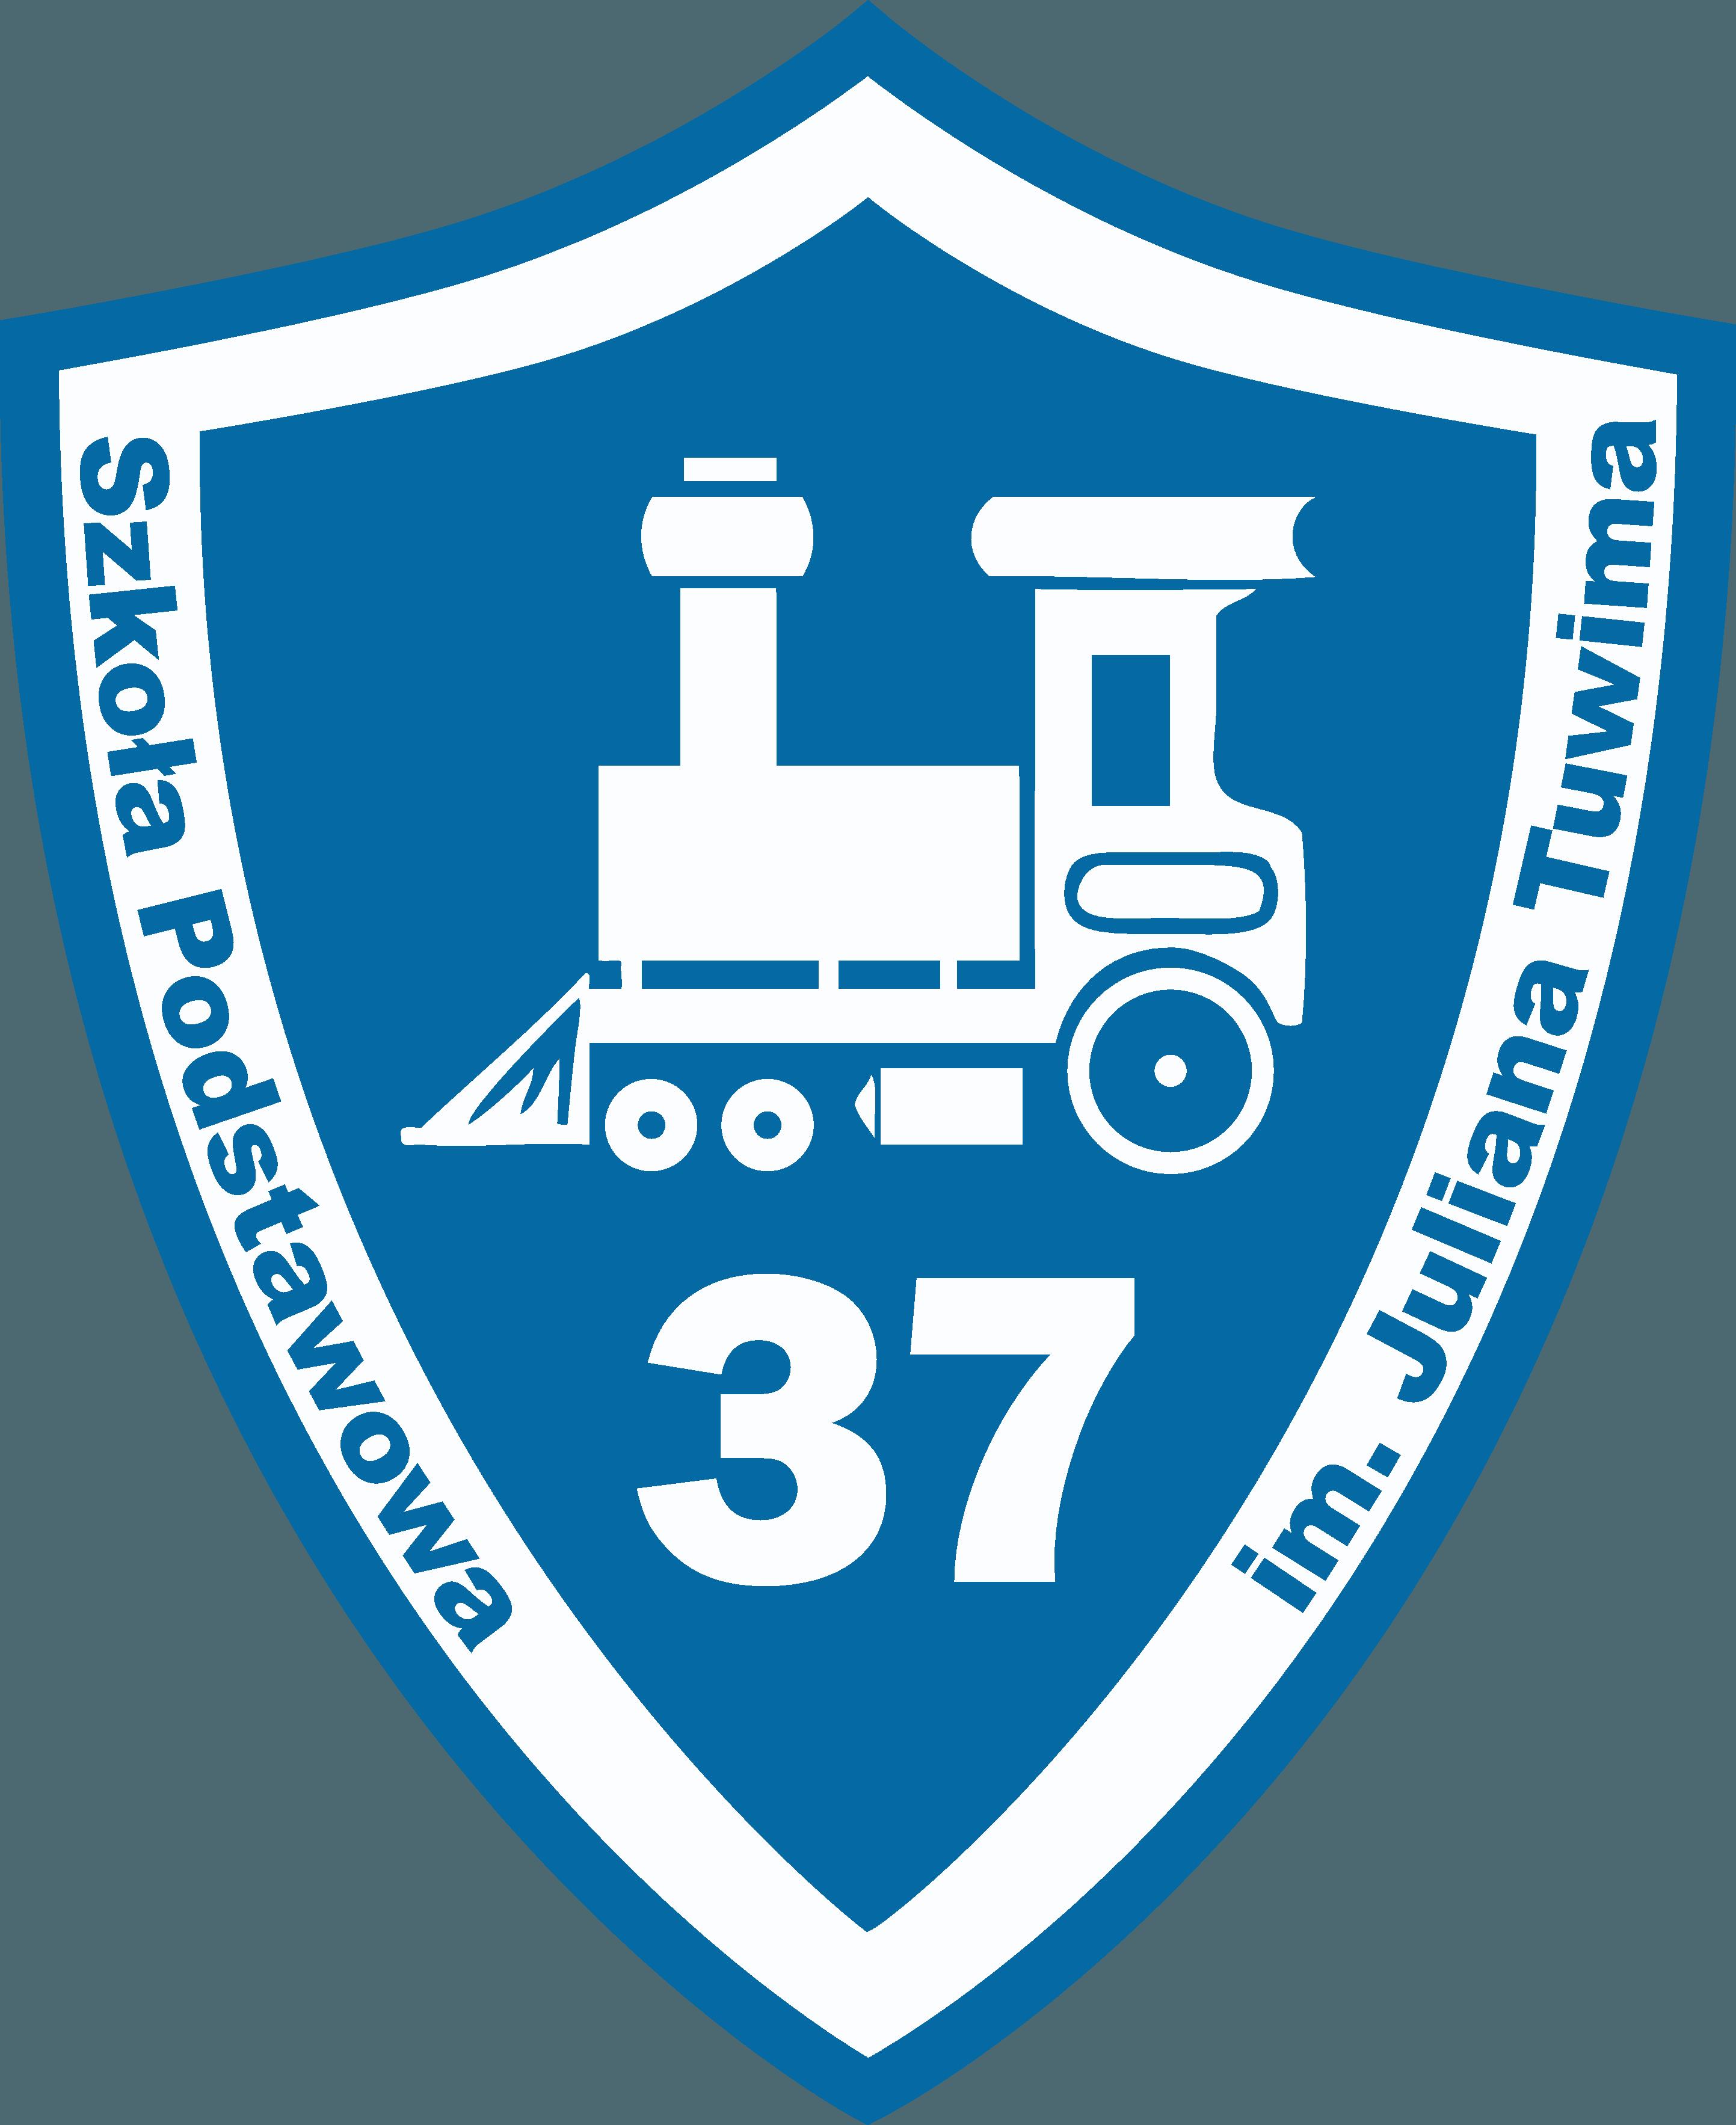 Szkoła Podstawowa nr 37